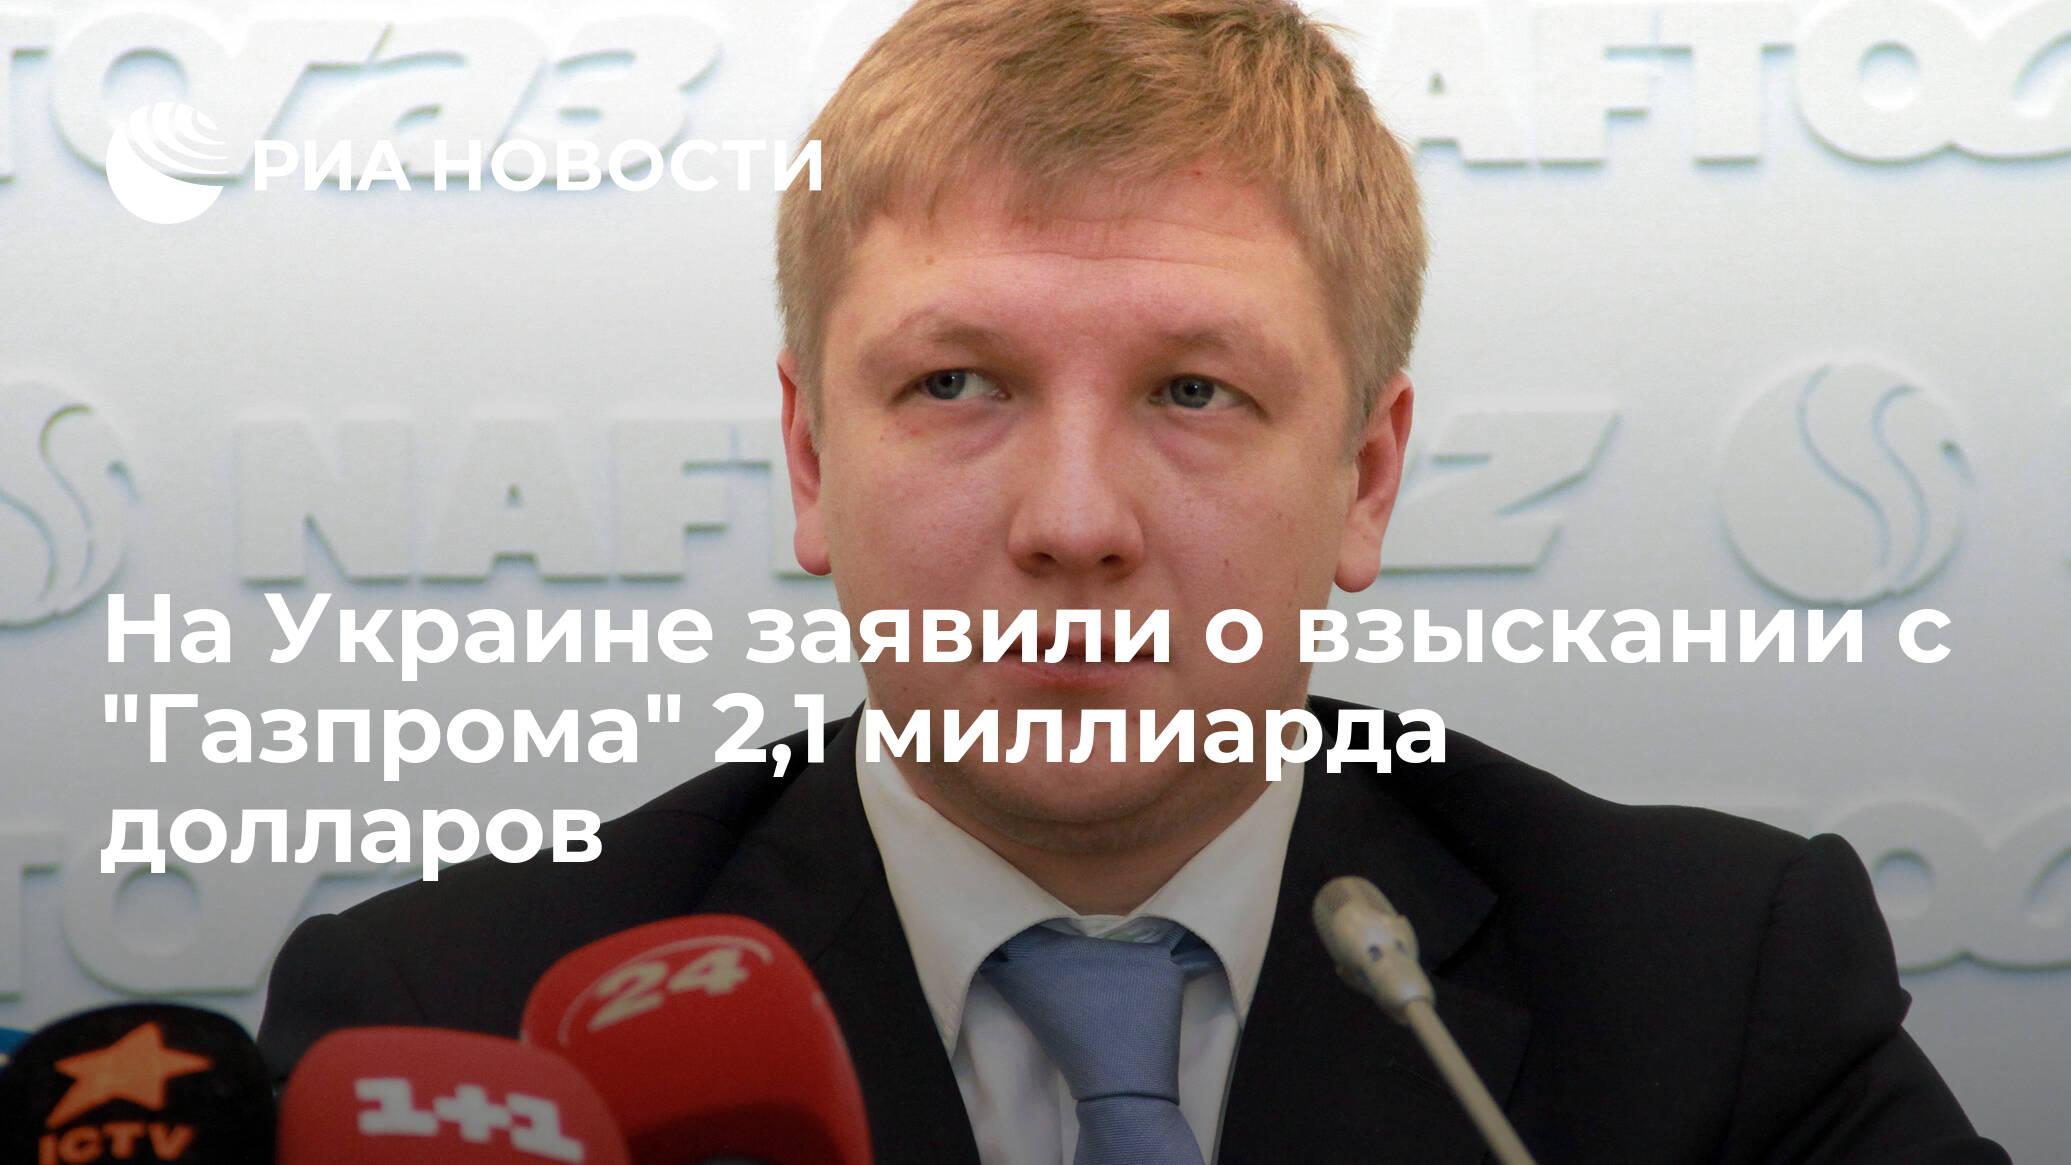 """На Украине заявили о взыскании с """"Газпрома"""" 2,1 миллиарда долларов - РИА Новости, 06.12.2019"""